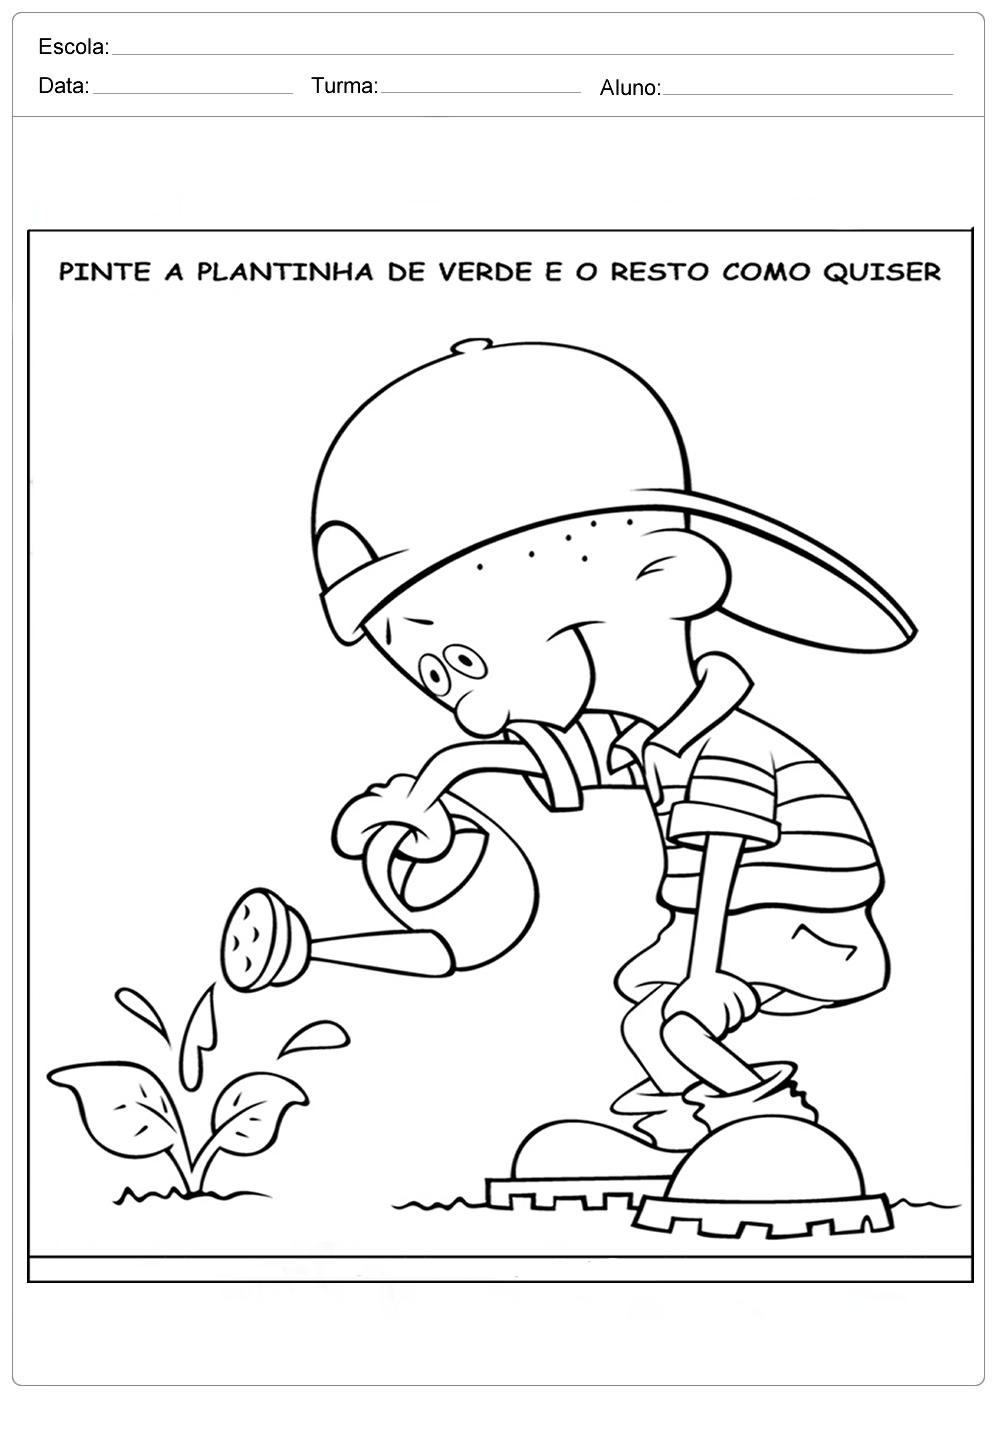 Atividades sobre meio ambiente para educação infantil – Pinte a plantinha